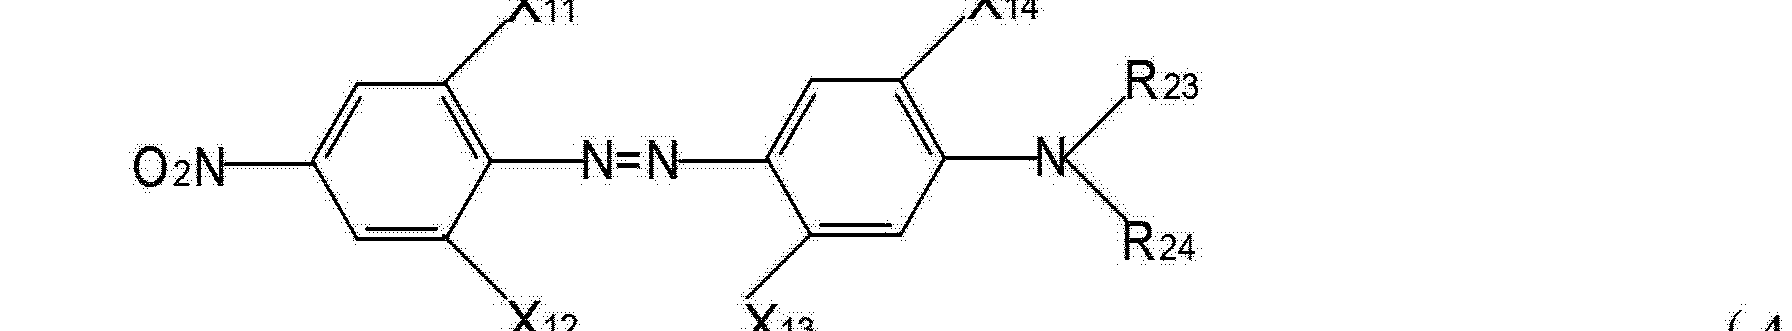 Figure CN101760045BC00025